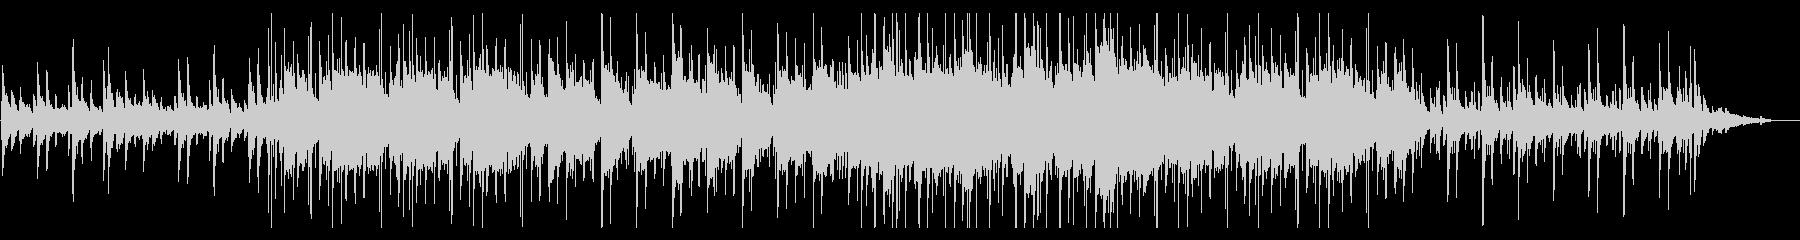 切ないピアノ アコギとブレイクビーツの未再生の波形